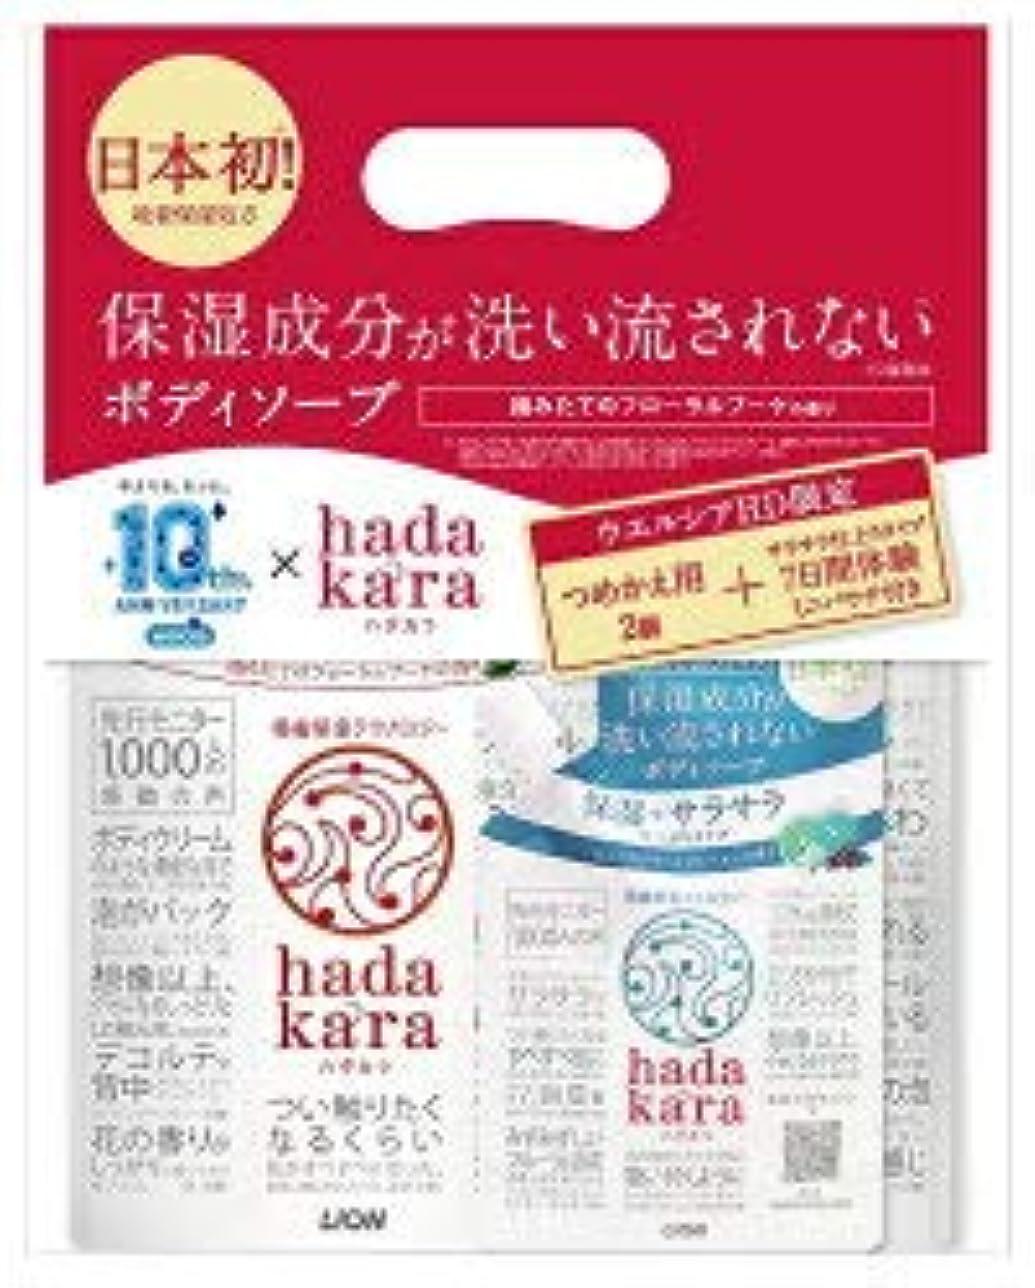 うそつきウィザード盆地ライオン hadakara フローラルブーケの香り 詰替 2個パック+ミニパウチ ボディソープ 6個セット